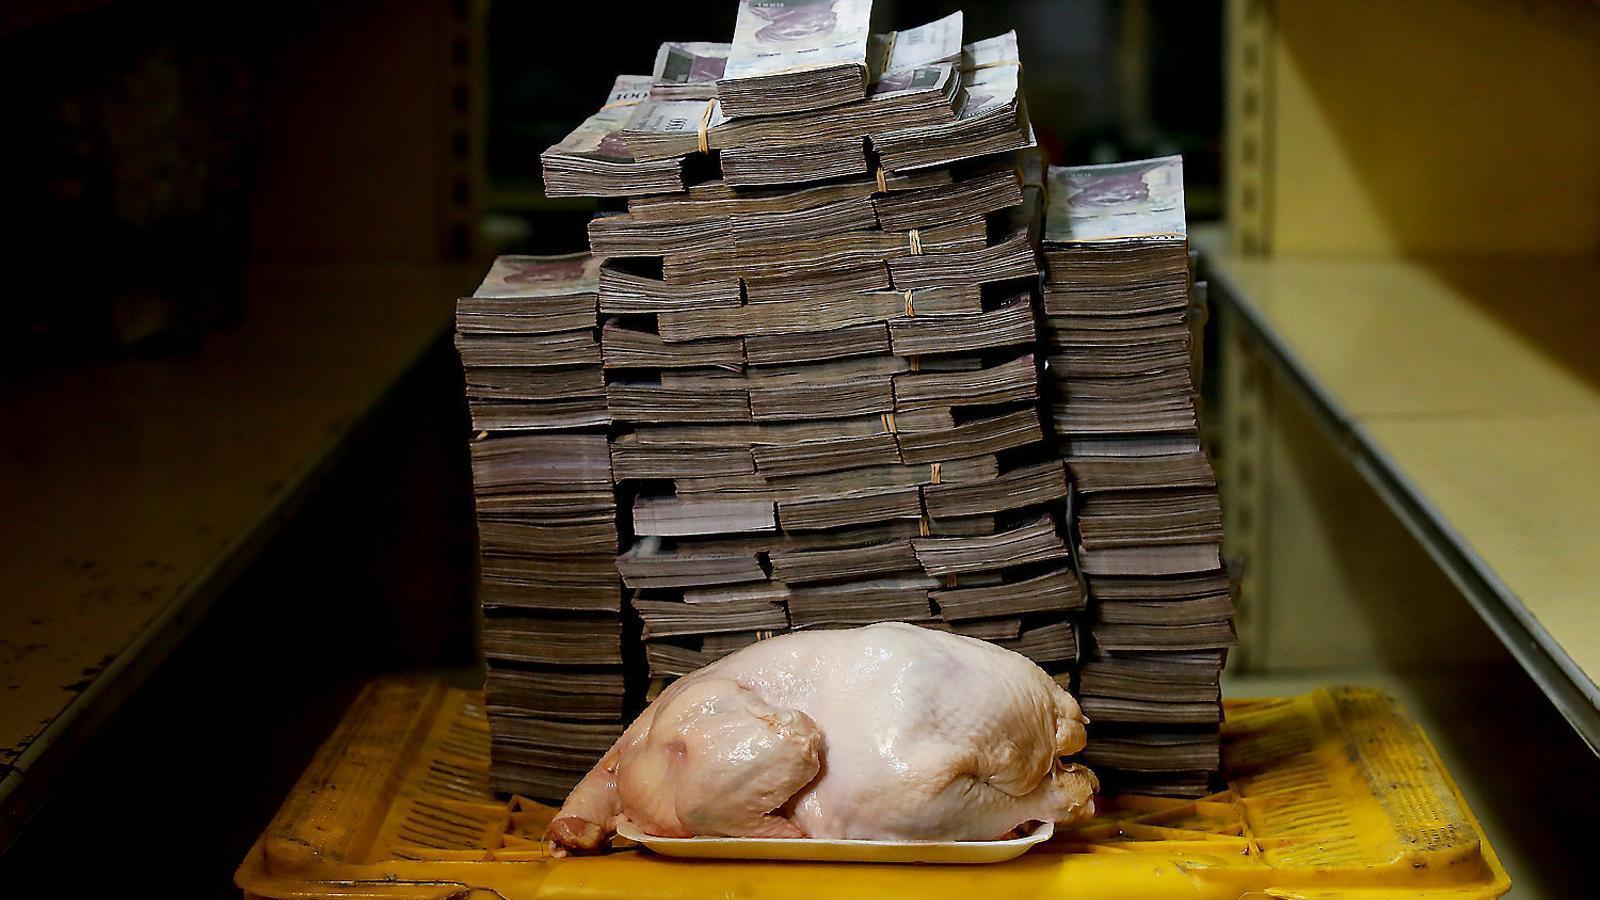 Les dimensions dels 14,6 milions de bolívars que es necessiten per comprar un pollastre a Veneçuela.